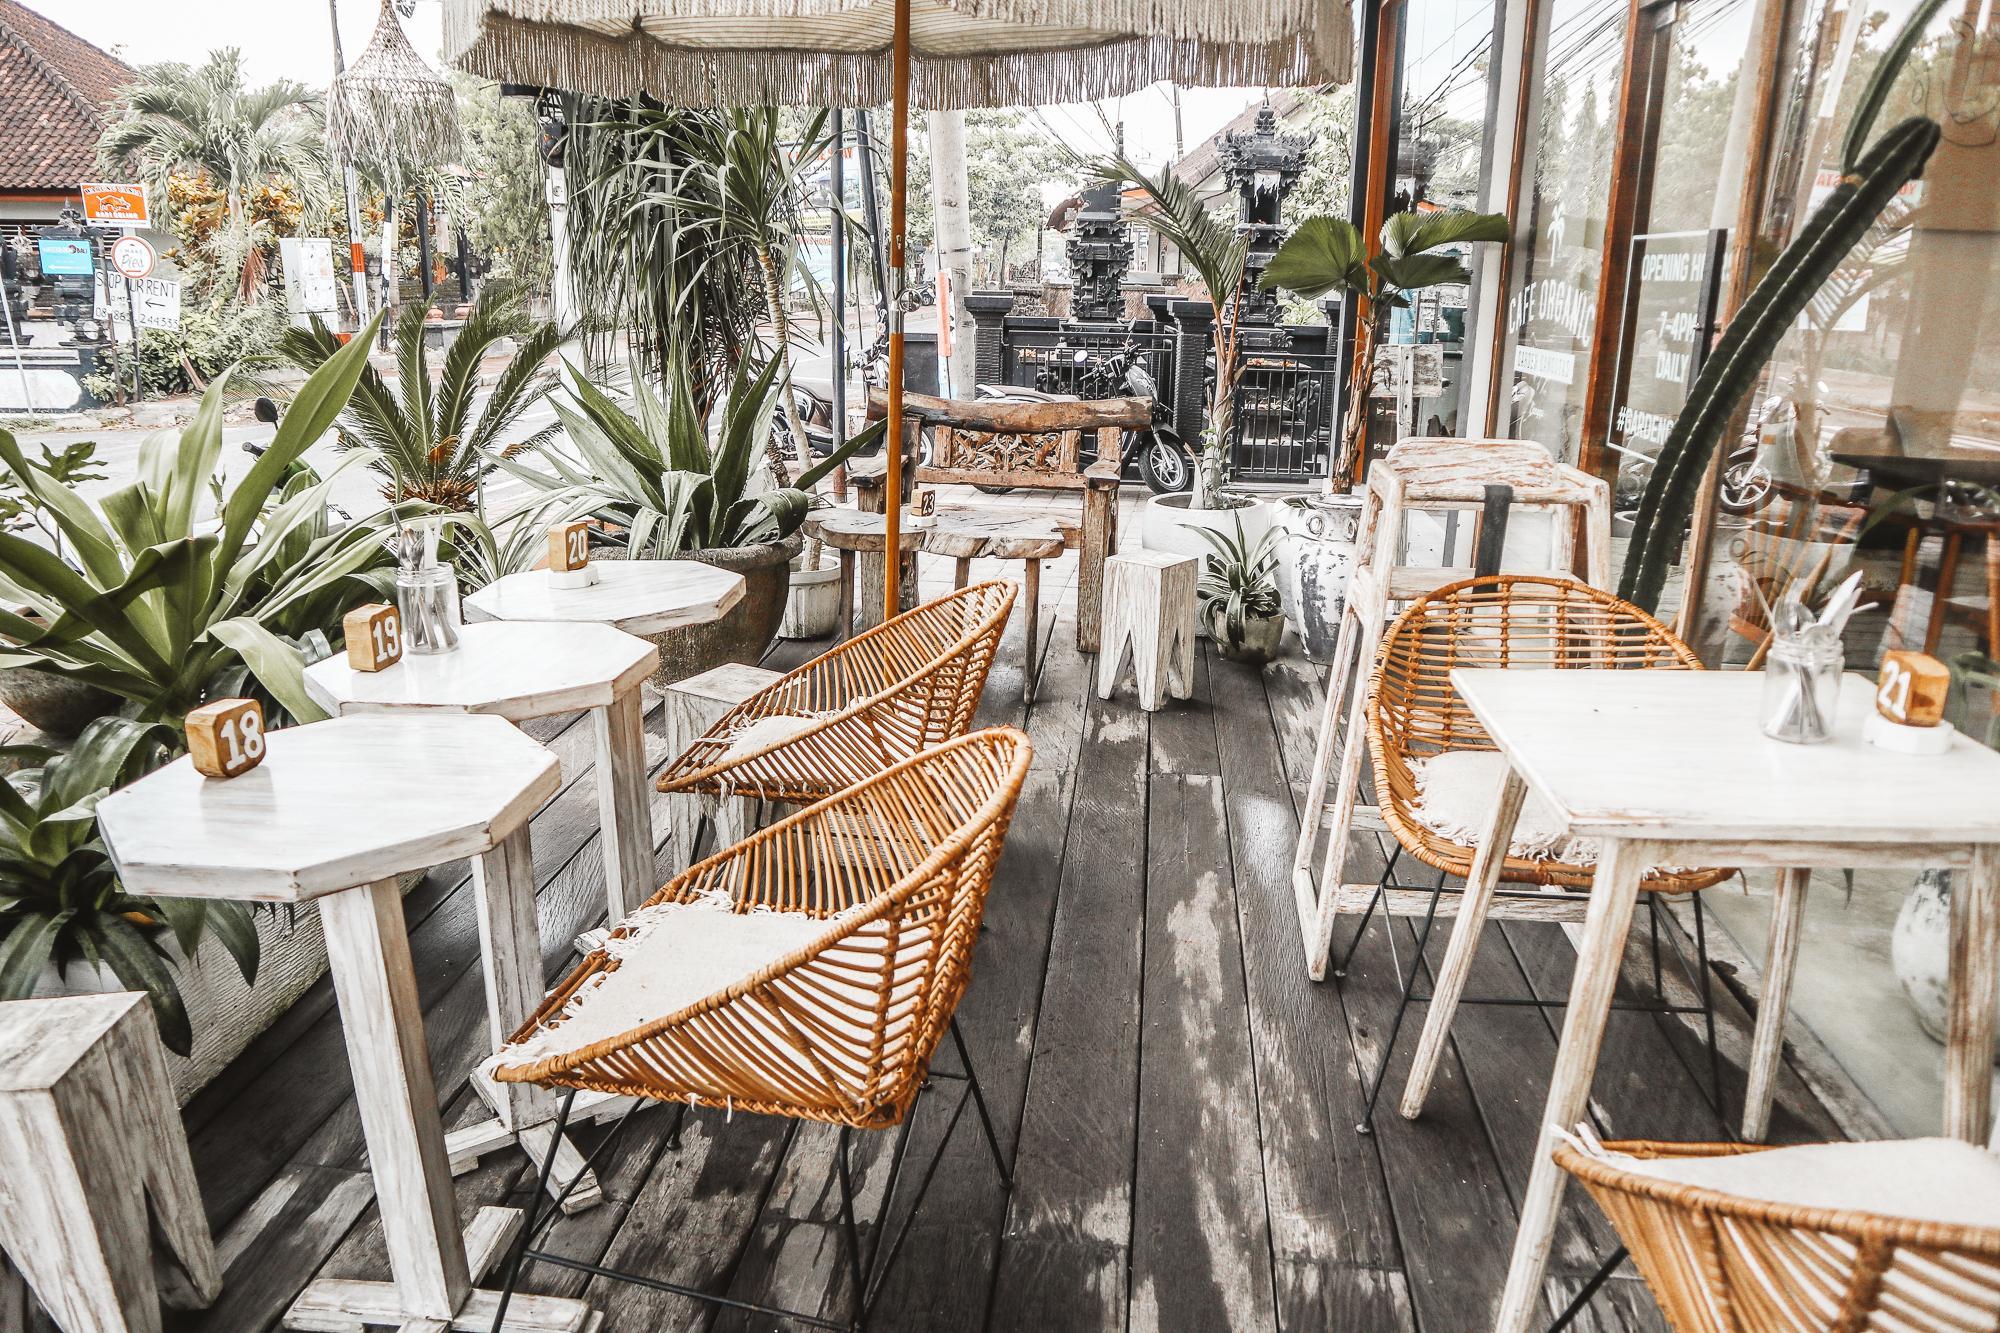 Los mejores restaurantes de Seminyak - Guía del comensal